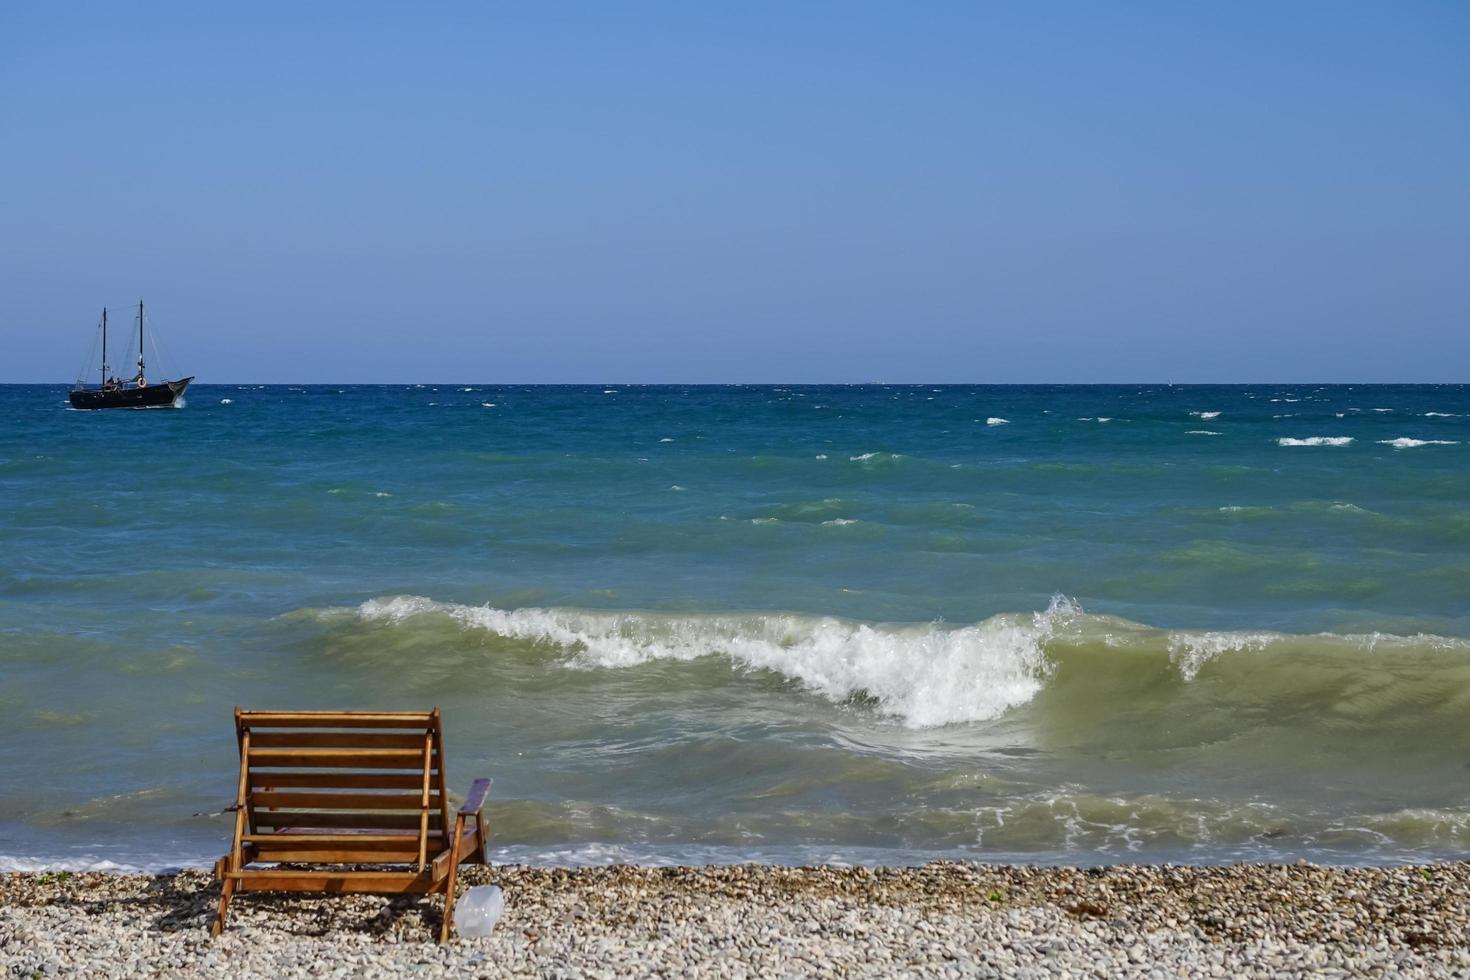 marinmålning med en träbänk och ett skepp i horisonten. foto